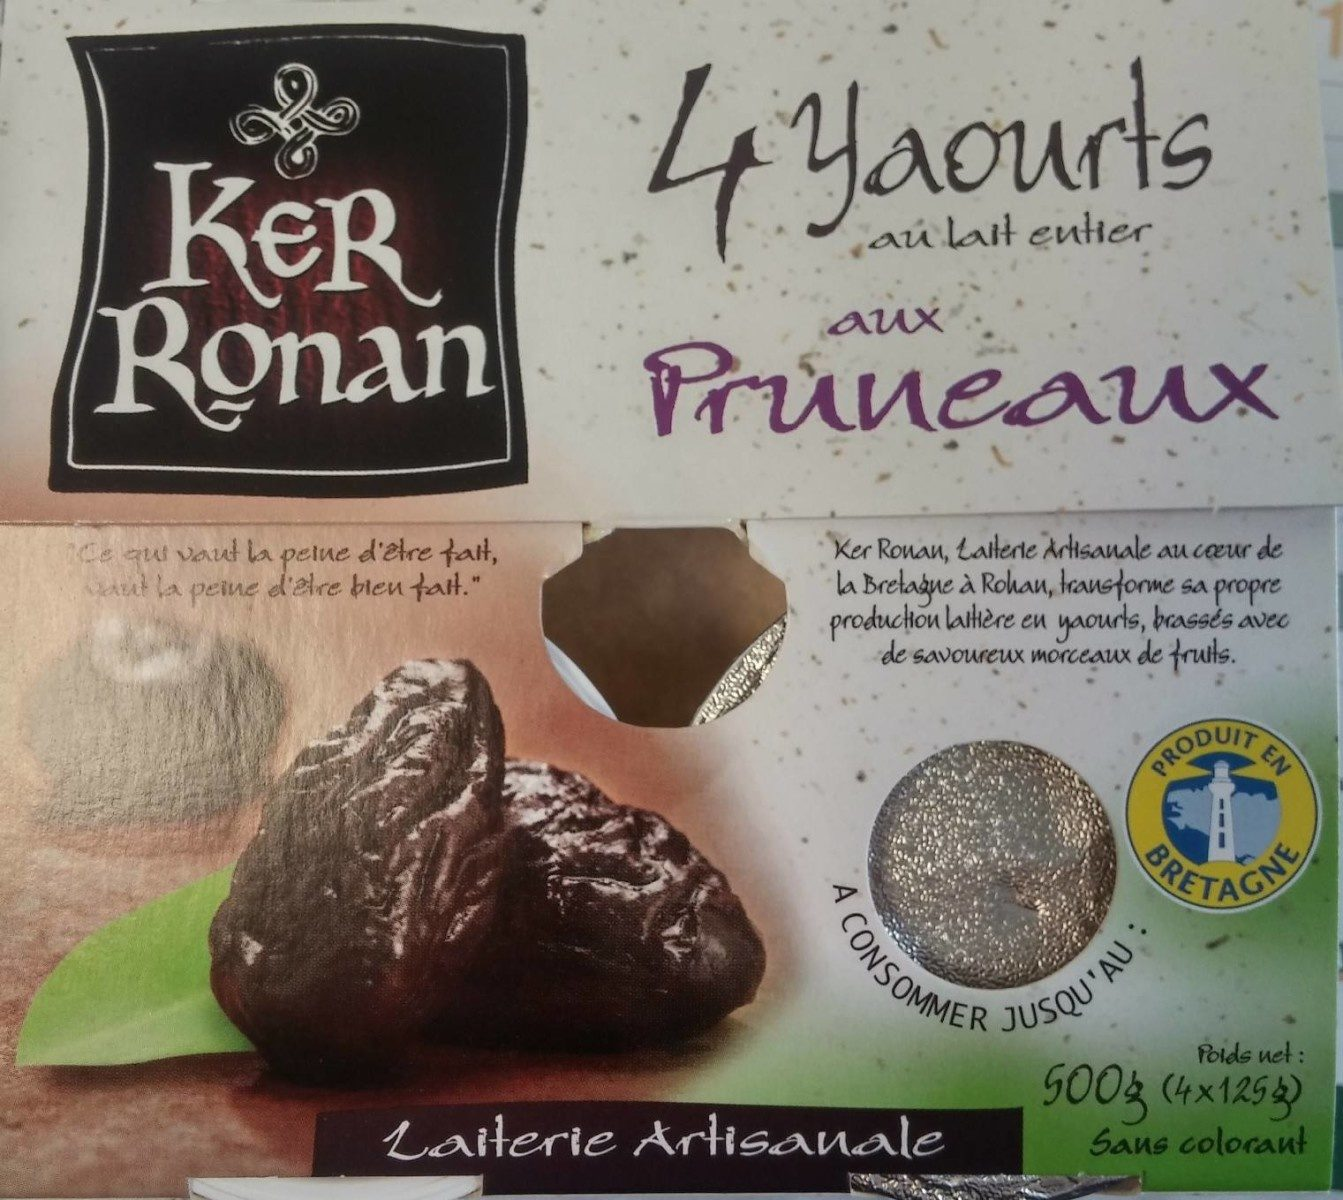 Yaourt au lait entier aux Pruneaux - Produit - fr